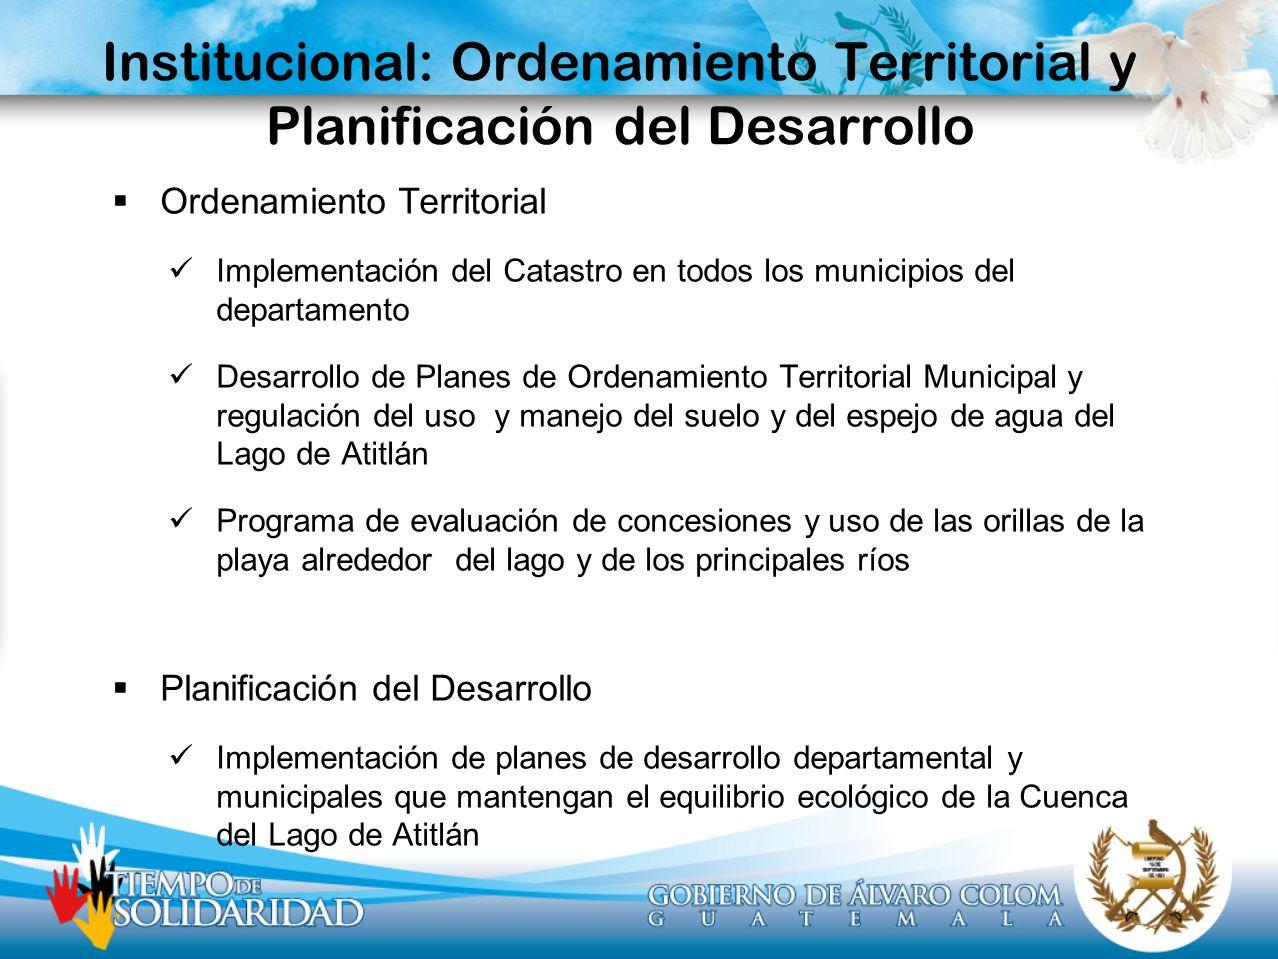 Institucional: Ordenamiento Territorial y Planificación del Desarrollo